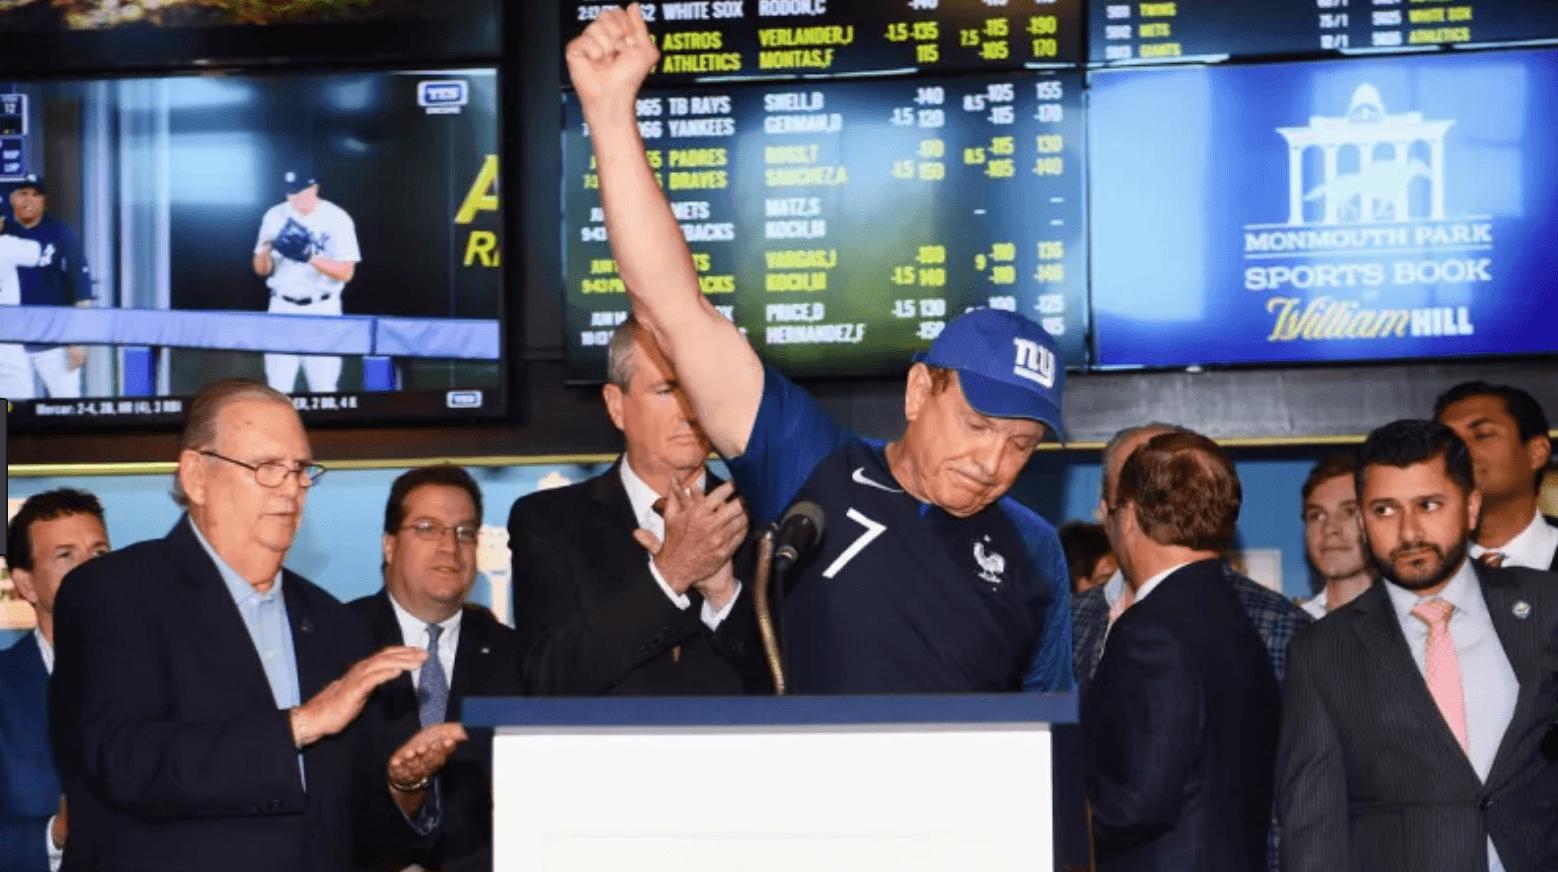 Raymond Lesniak Wire Act sports betting